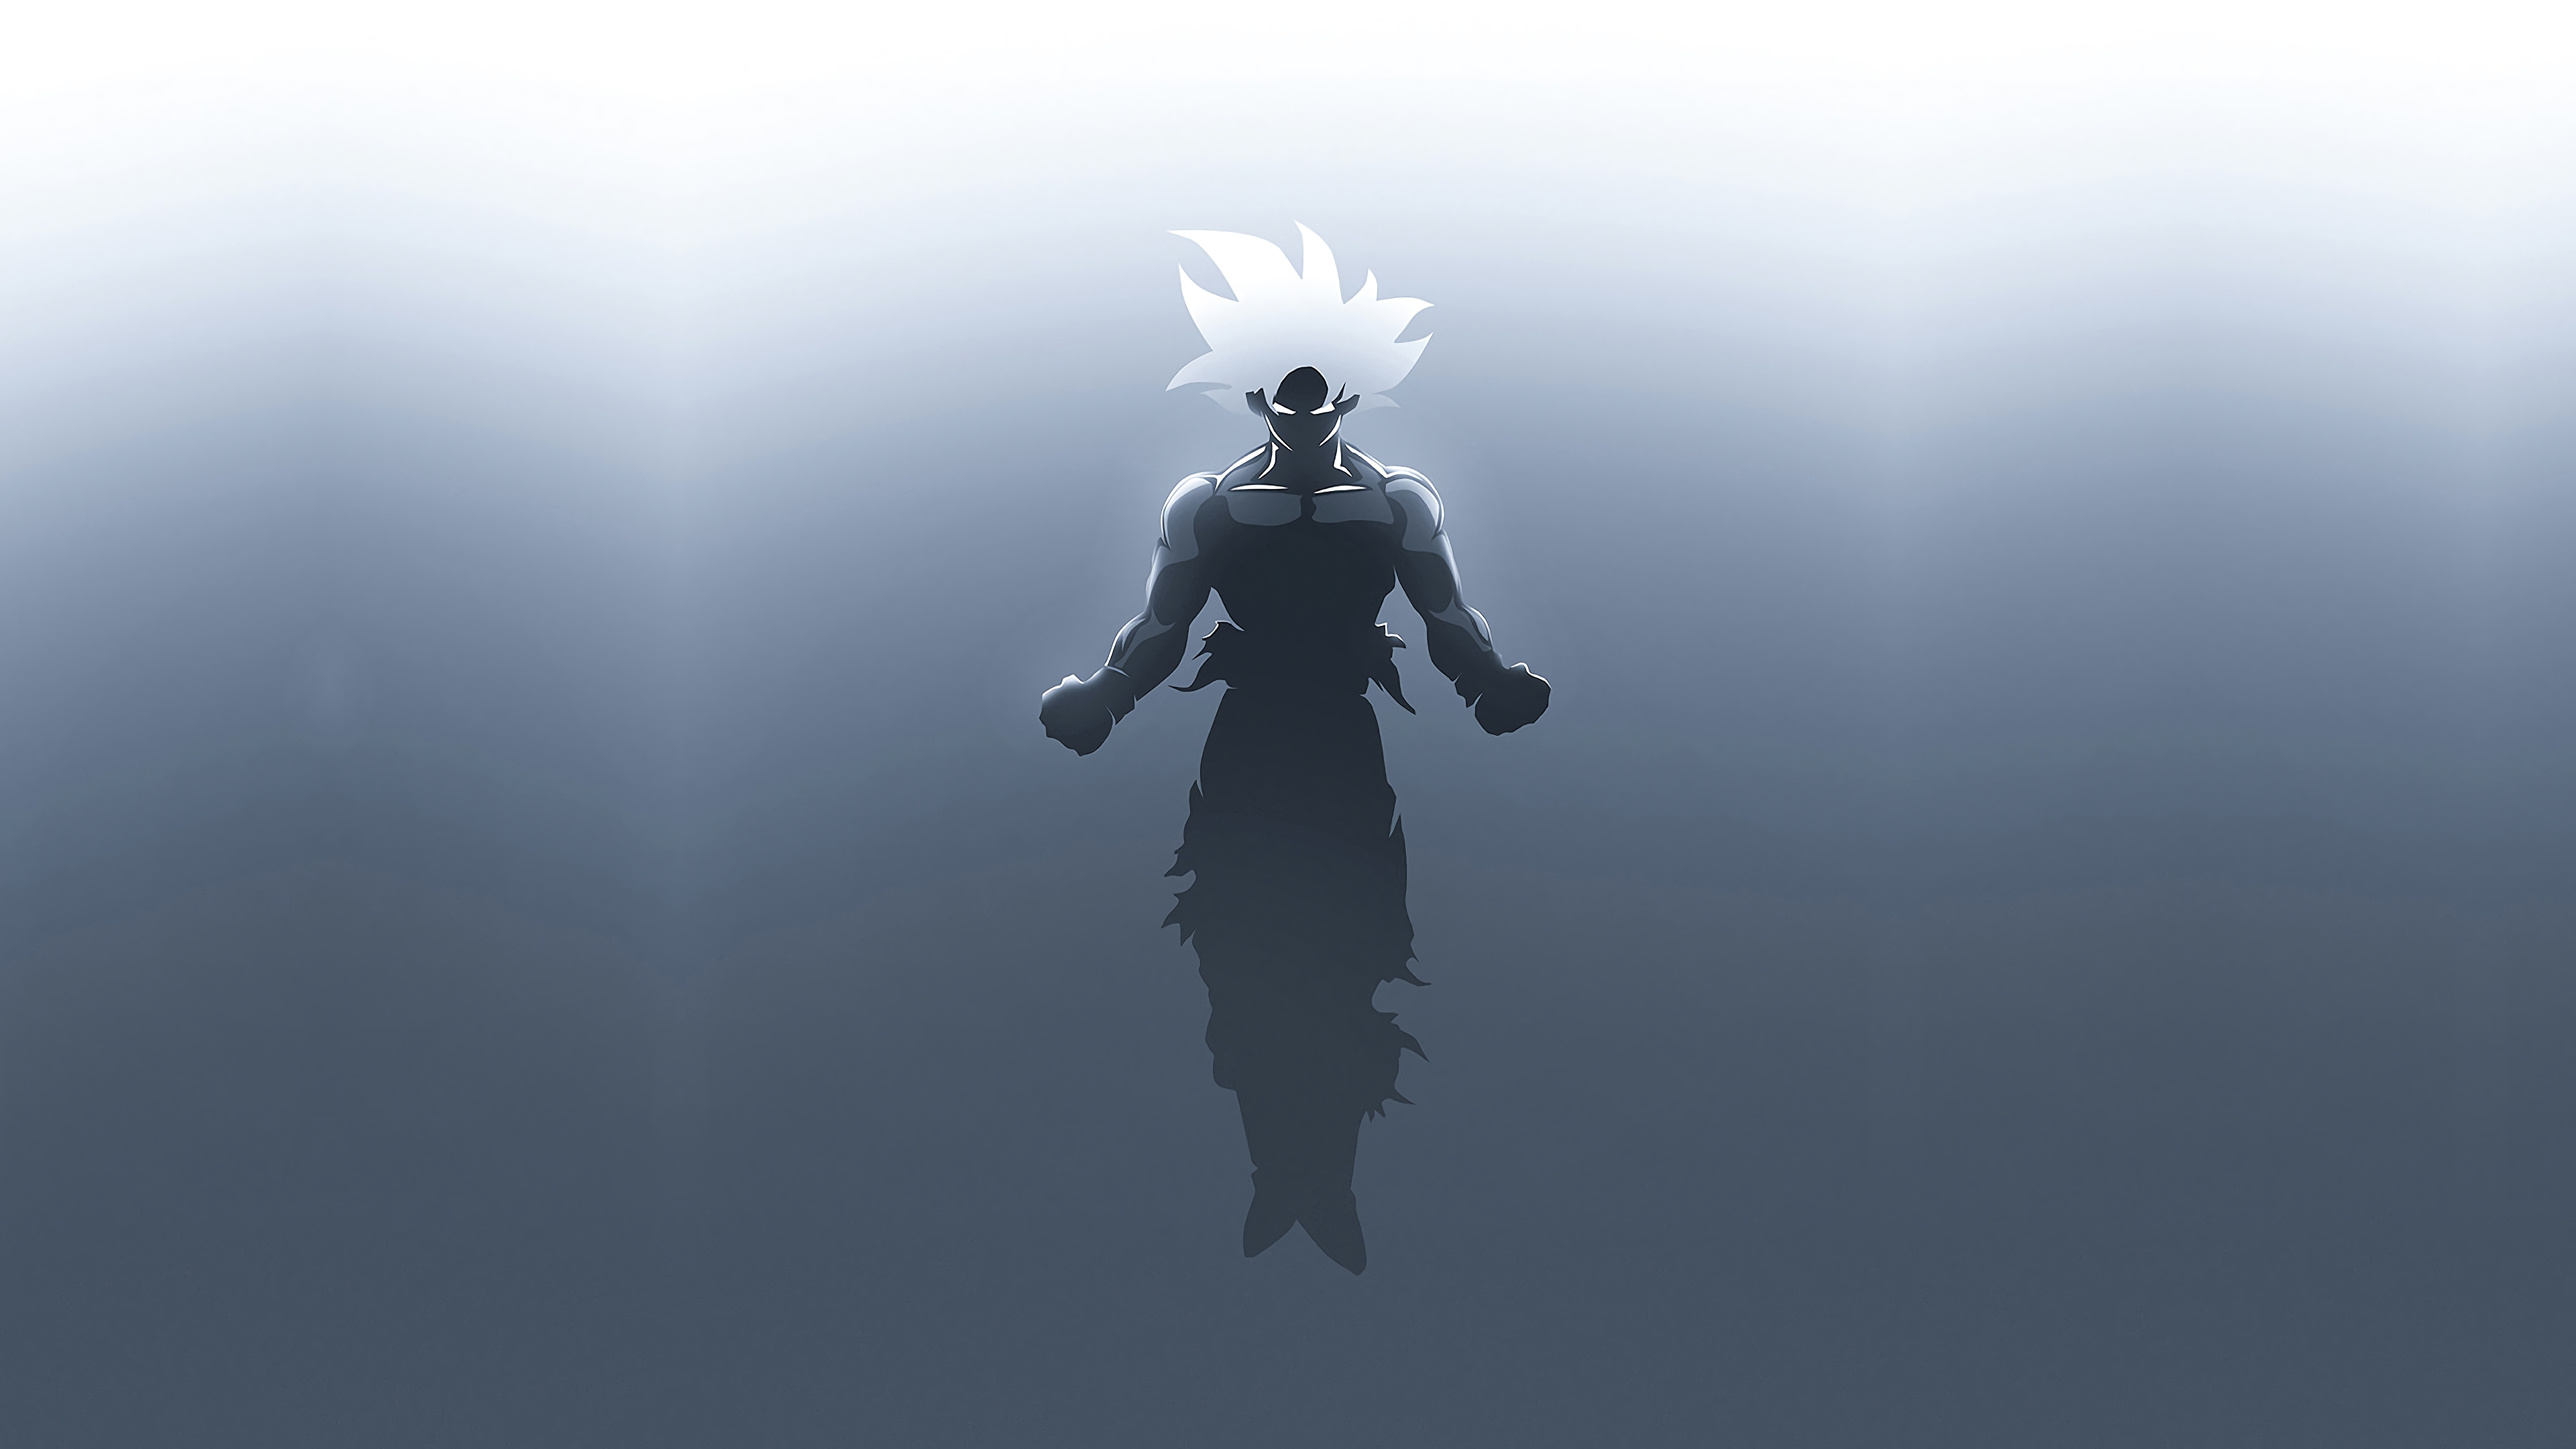 Goku In Dragon Ball Super Minimalism, HD Anime, 4k ...